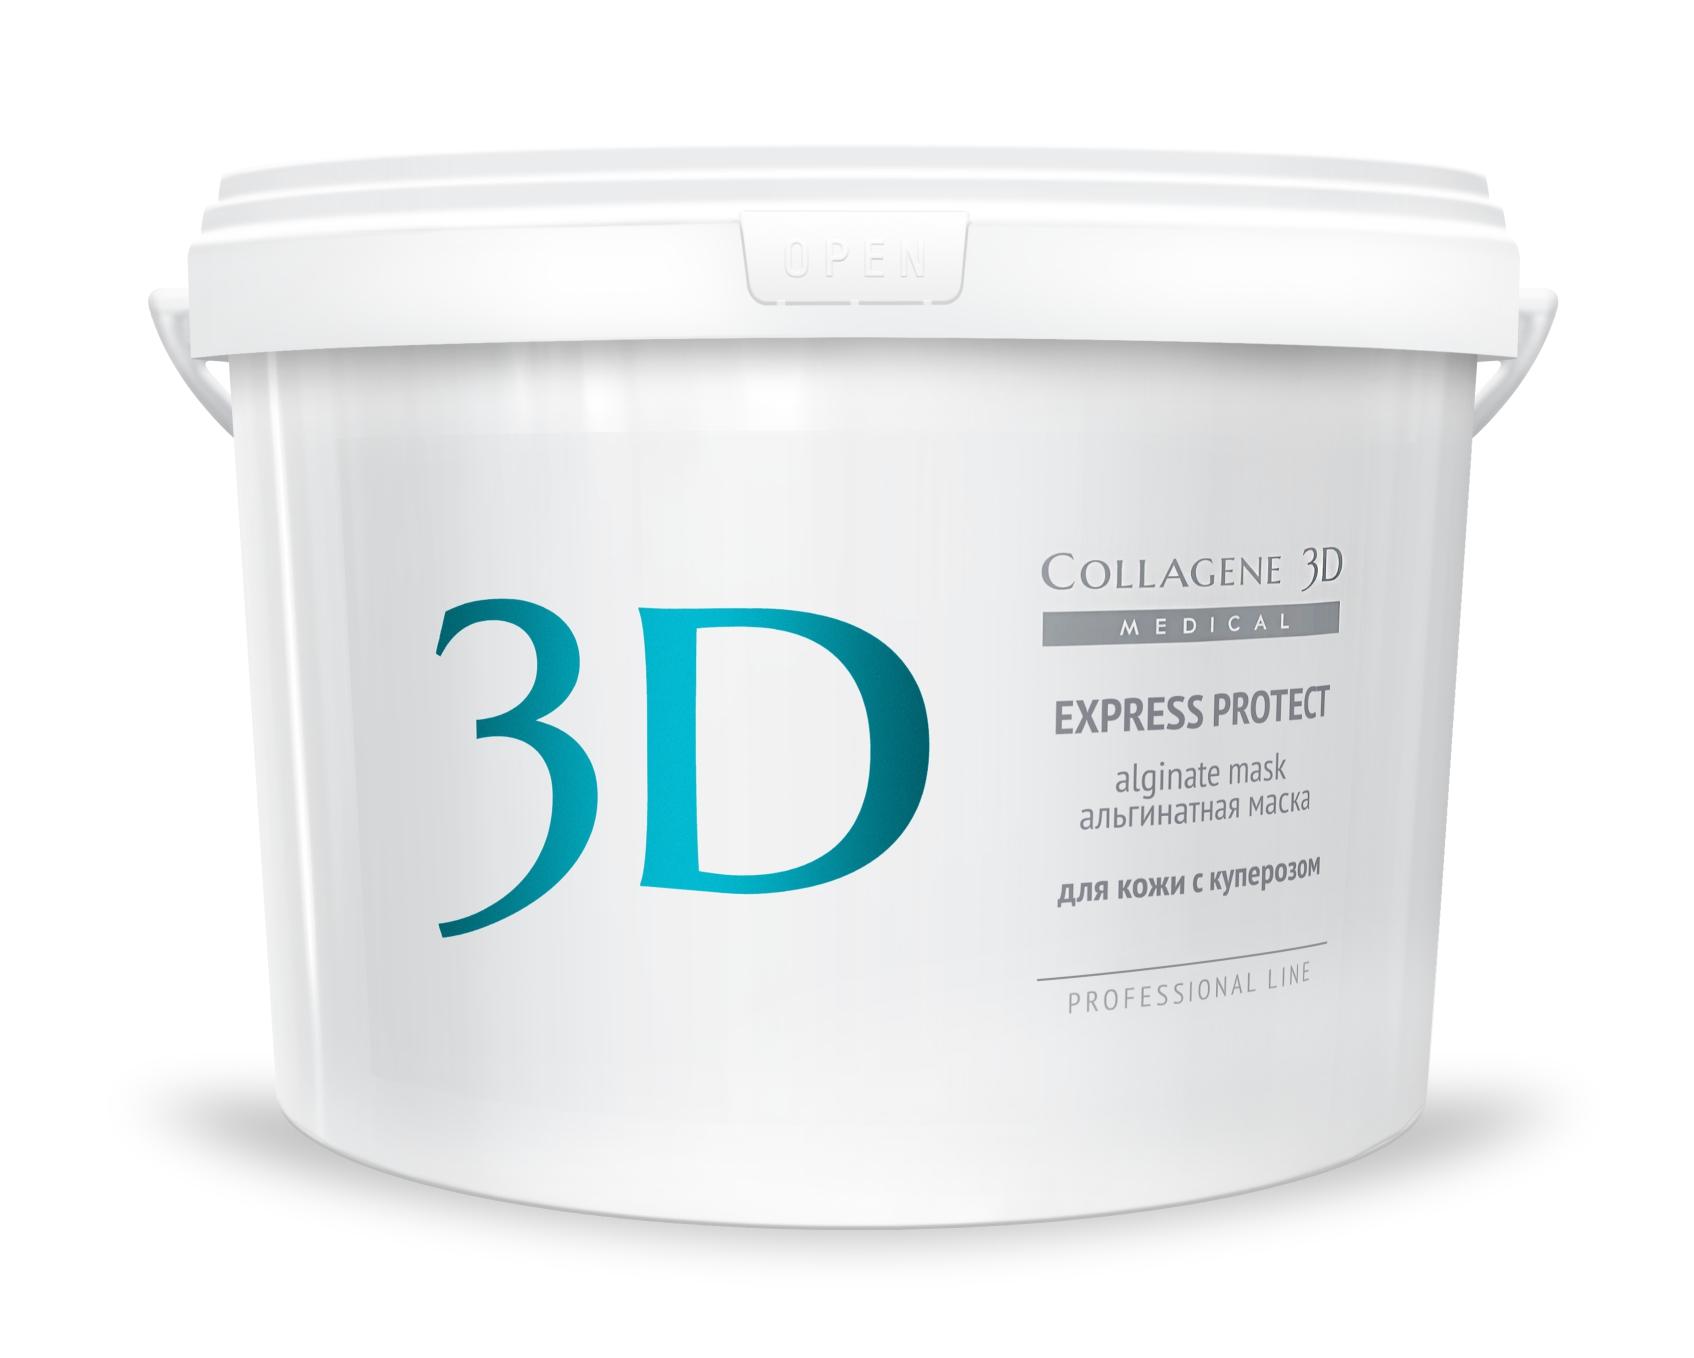 MEDICAL COLLAGENE 3D Маска альгинатная с экстрактом виноградных косточек для лица и тела Express Protect 1200грМаски<br>Для усиления ангиопротекторного действия процедуры рекомендуется использовать альгинатную маску EXPRESS PROTECT с экстрактом виноградных косточек. Удобное время застывания и приятная густая консистенция позволят добиться лучшего эффекта при максимальном комфорте пациента. Чистая альгинатная масса сама по себе интенсивно увлажняет, разглаживает кожу, оказывает дренажное действие, стимулирует кровообращение, поэтому показывает впечатляющие результаты при проведении экспресс-процедур. Наши технологи взяли лучшее сырье французского производства и усилили его современными активными компонентами для достижения направленного эффекта средств линии EXPRESS PROTECT. Экстракт виноградных косточек оказывает мощное положительное действие на сосуды, поскольку содержит большое количество природных антиоксидантов, в научной литературе отмечено его влияние на повышение эластичности кожи. Активные ингредиенты: альгинат натрия, экстракт виноградных косточек. Способ применения: перед применением альгинатной маски рекомендуется в качестве концентрата на очищенную кожу нанести коллагеновую гель-маску серии MEDICAL COLLAGENE 3D и сделать легкий массаж. Альгинатную маску подготовить непосредственно перед применением. Порошок смешать с водой комнатной температуры (20-25 С) в пропорции 1:3 до состояния однородной массы. С помощью шпателя равномерно нанести на кожу. Через 15 минут снять маску единым пластом. В завершение процедуры протереть лицо Фитотоником NATURAL FRESH и нанести коллагеновый крем серии MEDICAL COLLAGENE 3D.<br><br>Вид средства для тела: Альгинатная<br>Консистенция: Густая